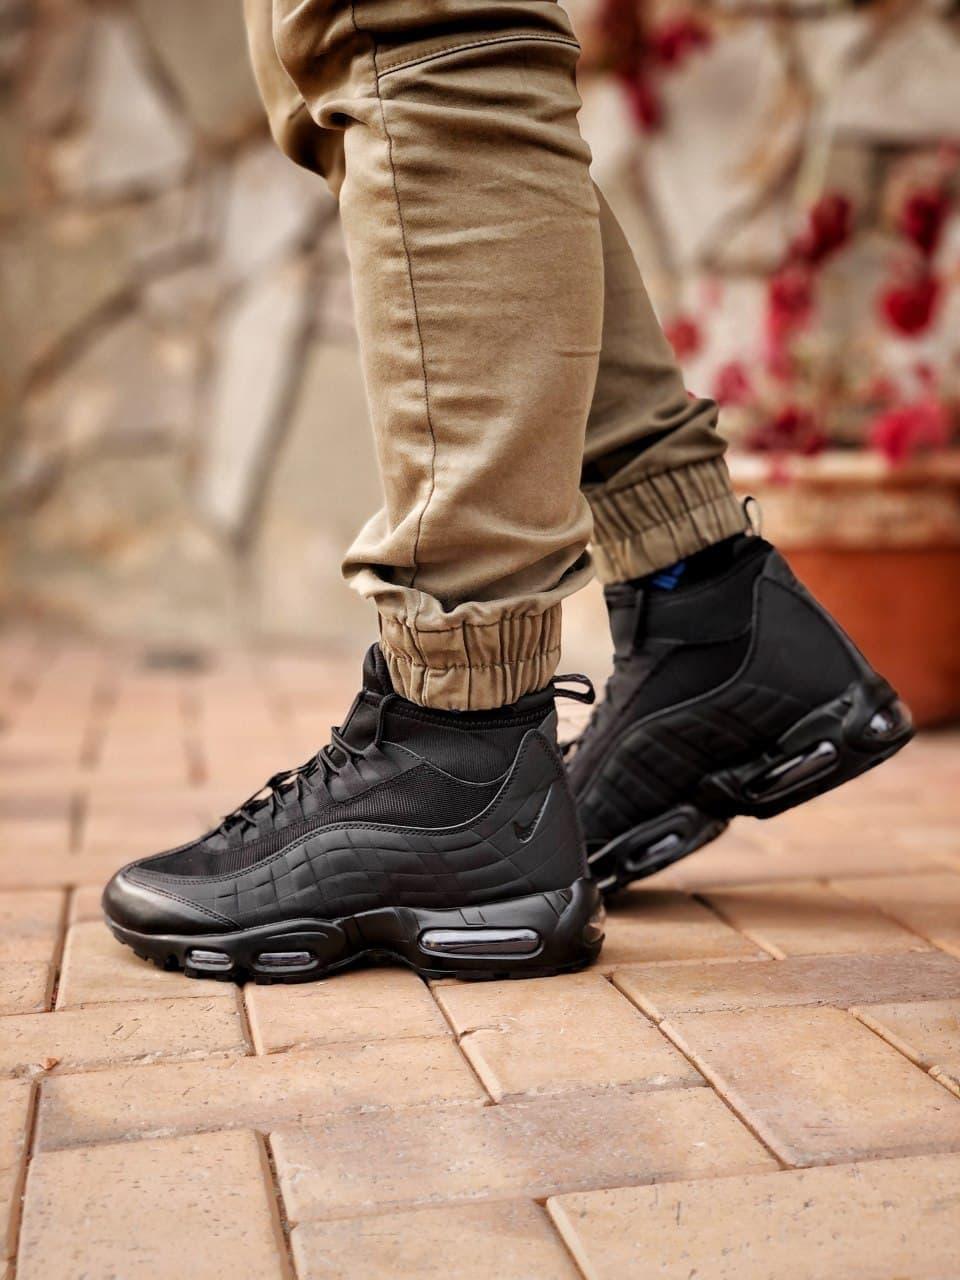 Чоловічі кросівки Nike Air Max 95 Sneаkerbоot в стилі Найк ЧОРНІ (Репліка ААА+)